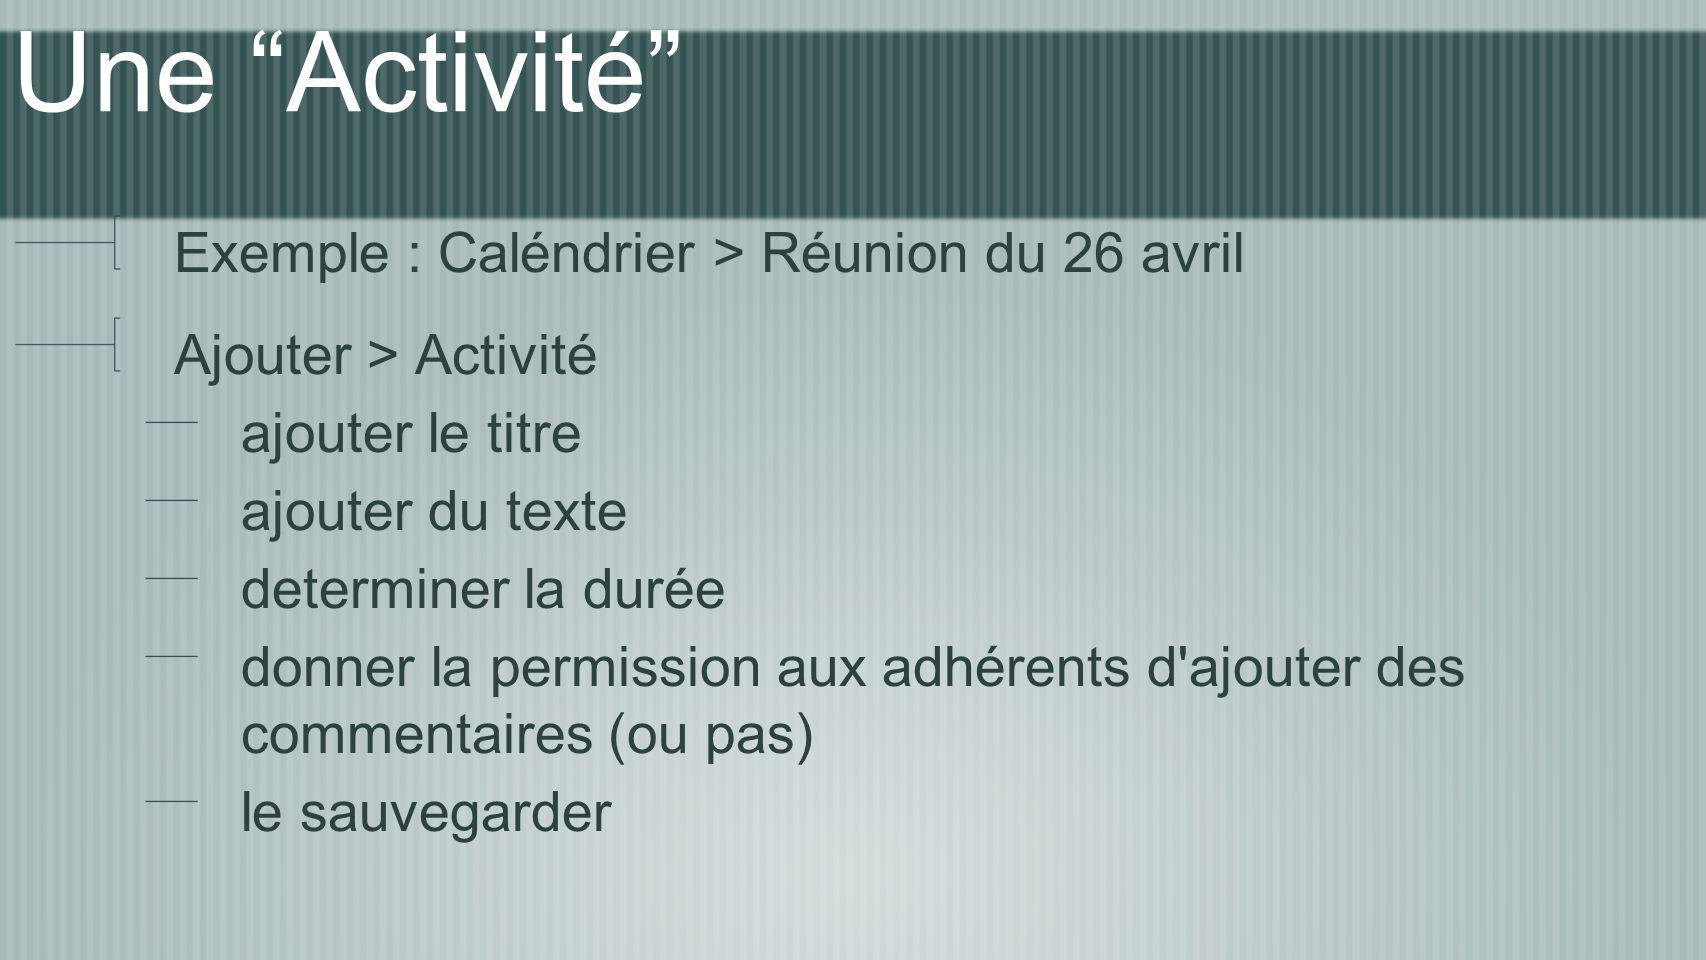 Une Activité Exemple : Caléndrier > Réunion du 26 avril Ajouter > Activité ajouter le titre ajouter du texte determiner la durée donner la permission aux adhérents d ajouter des commentaires (ou pas) le sauvegarder